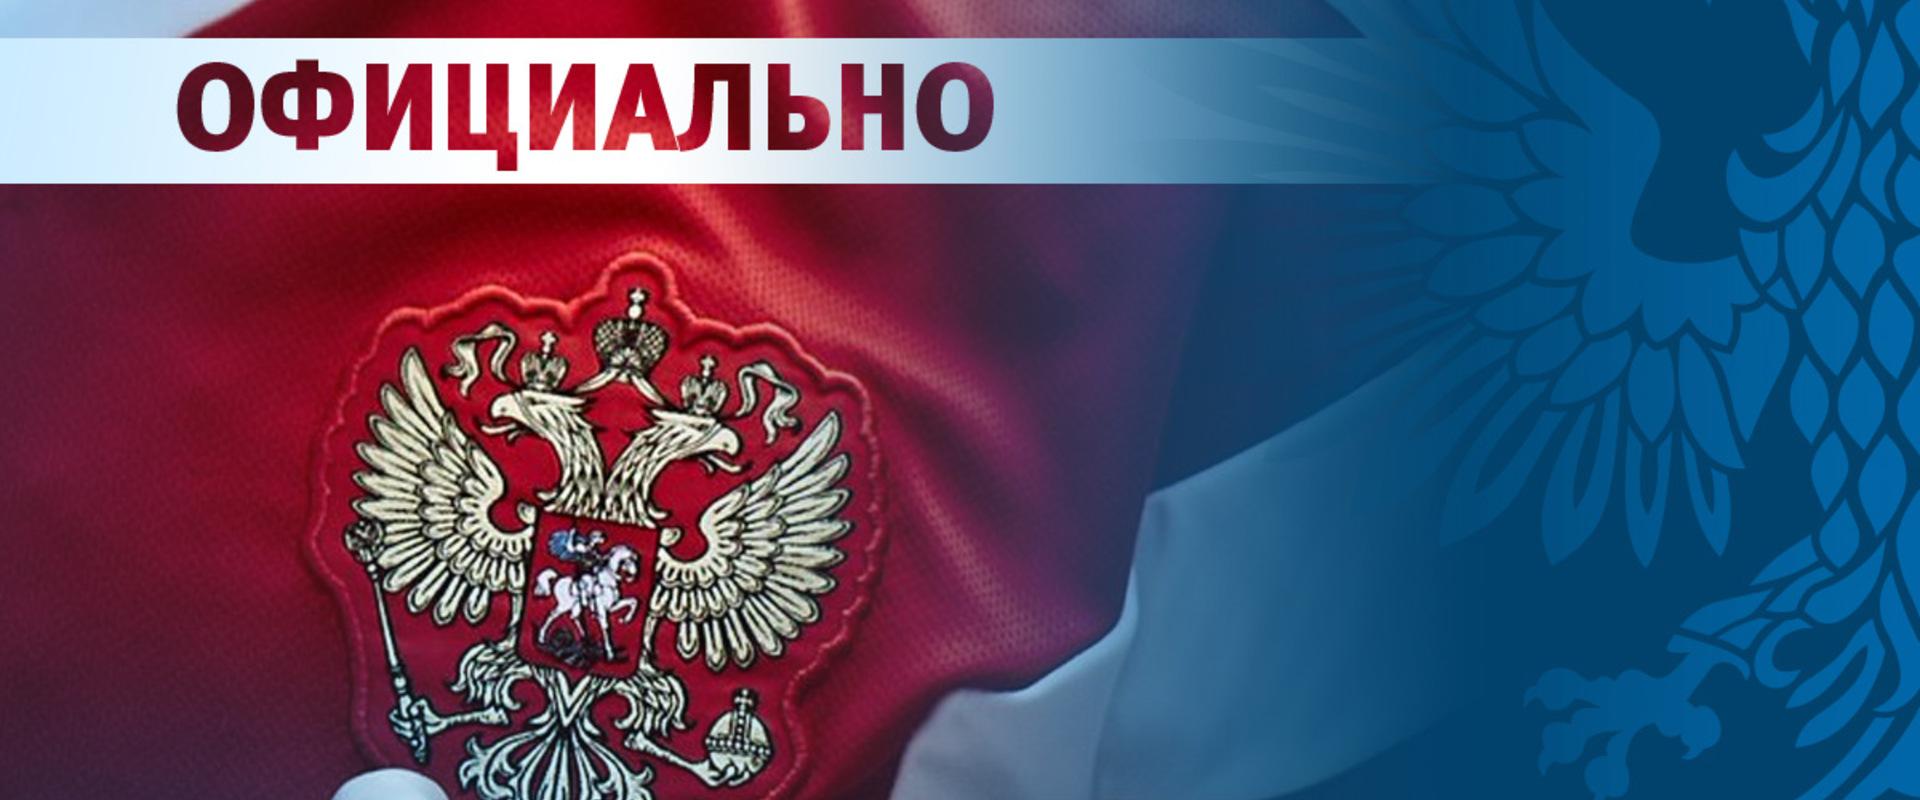 Сентябрьские матчи сборных пройдут в Москве